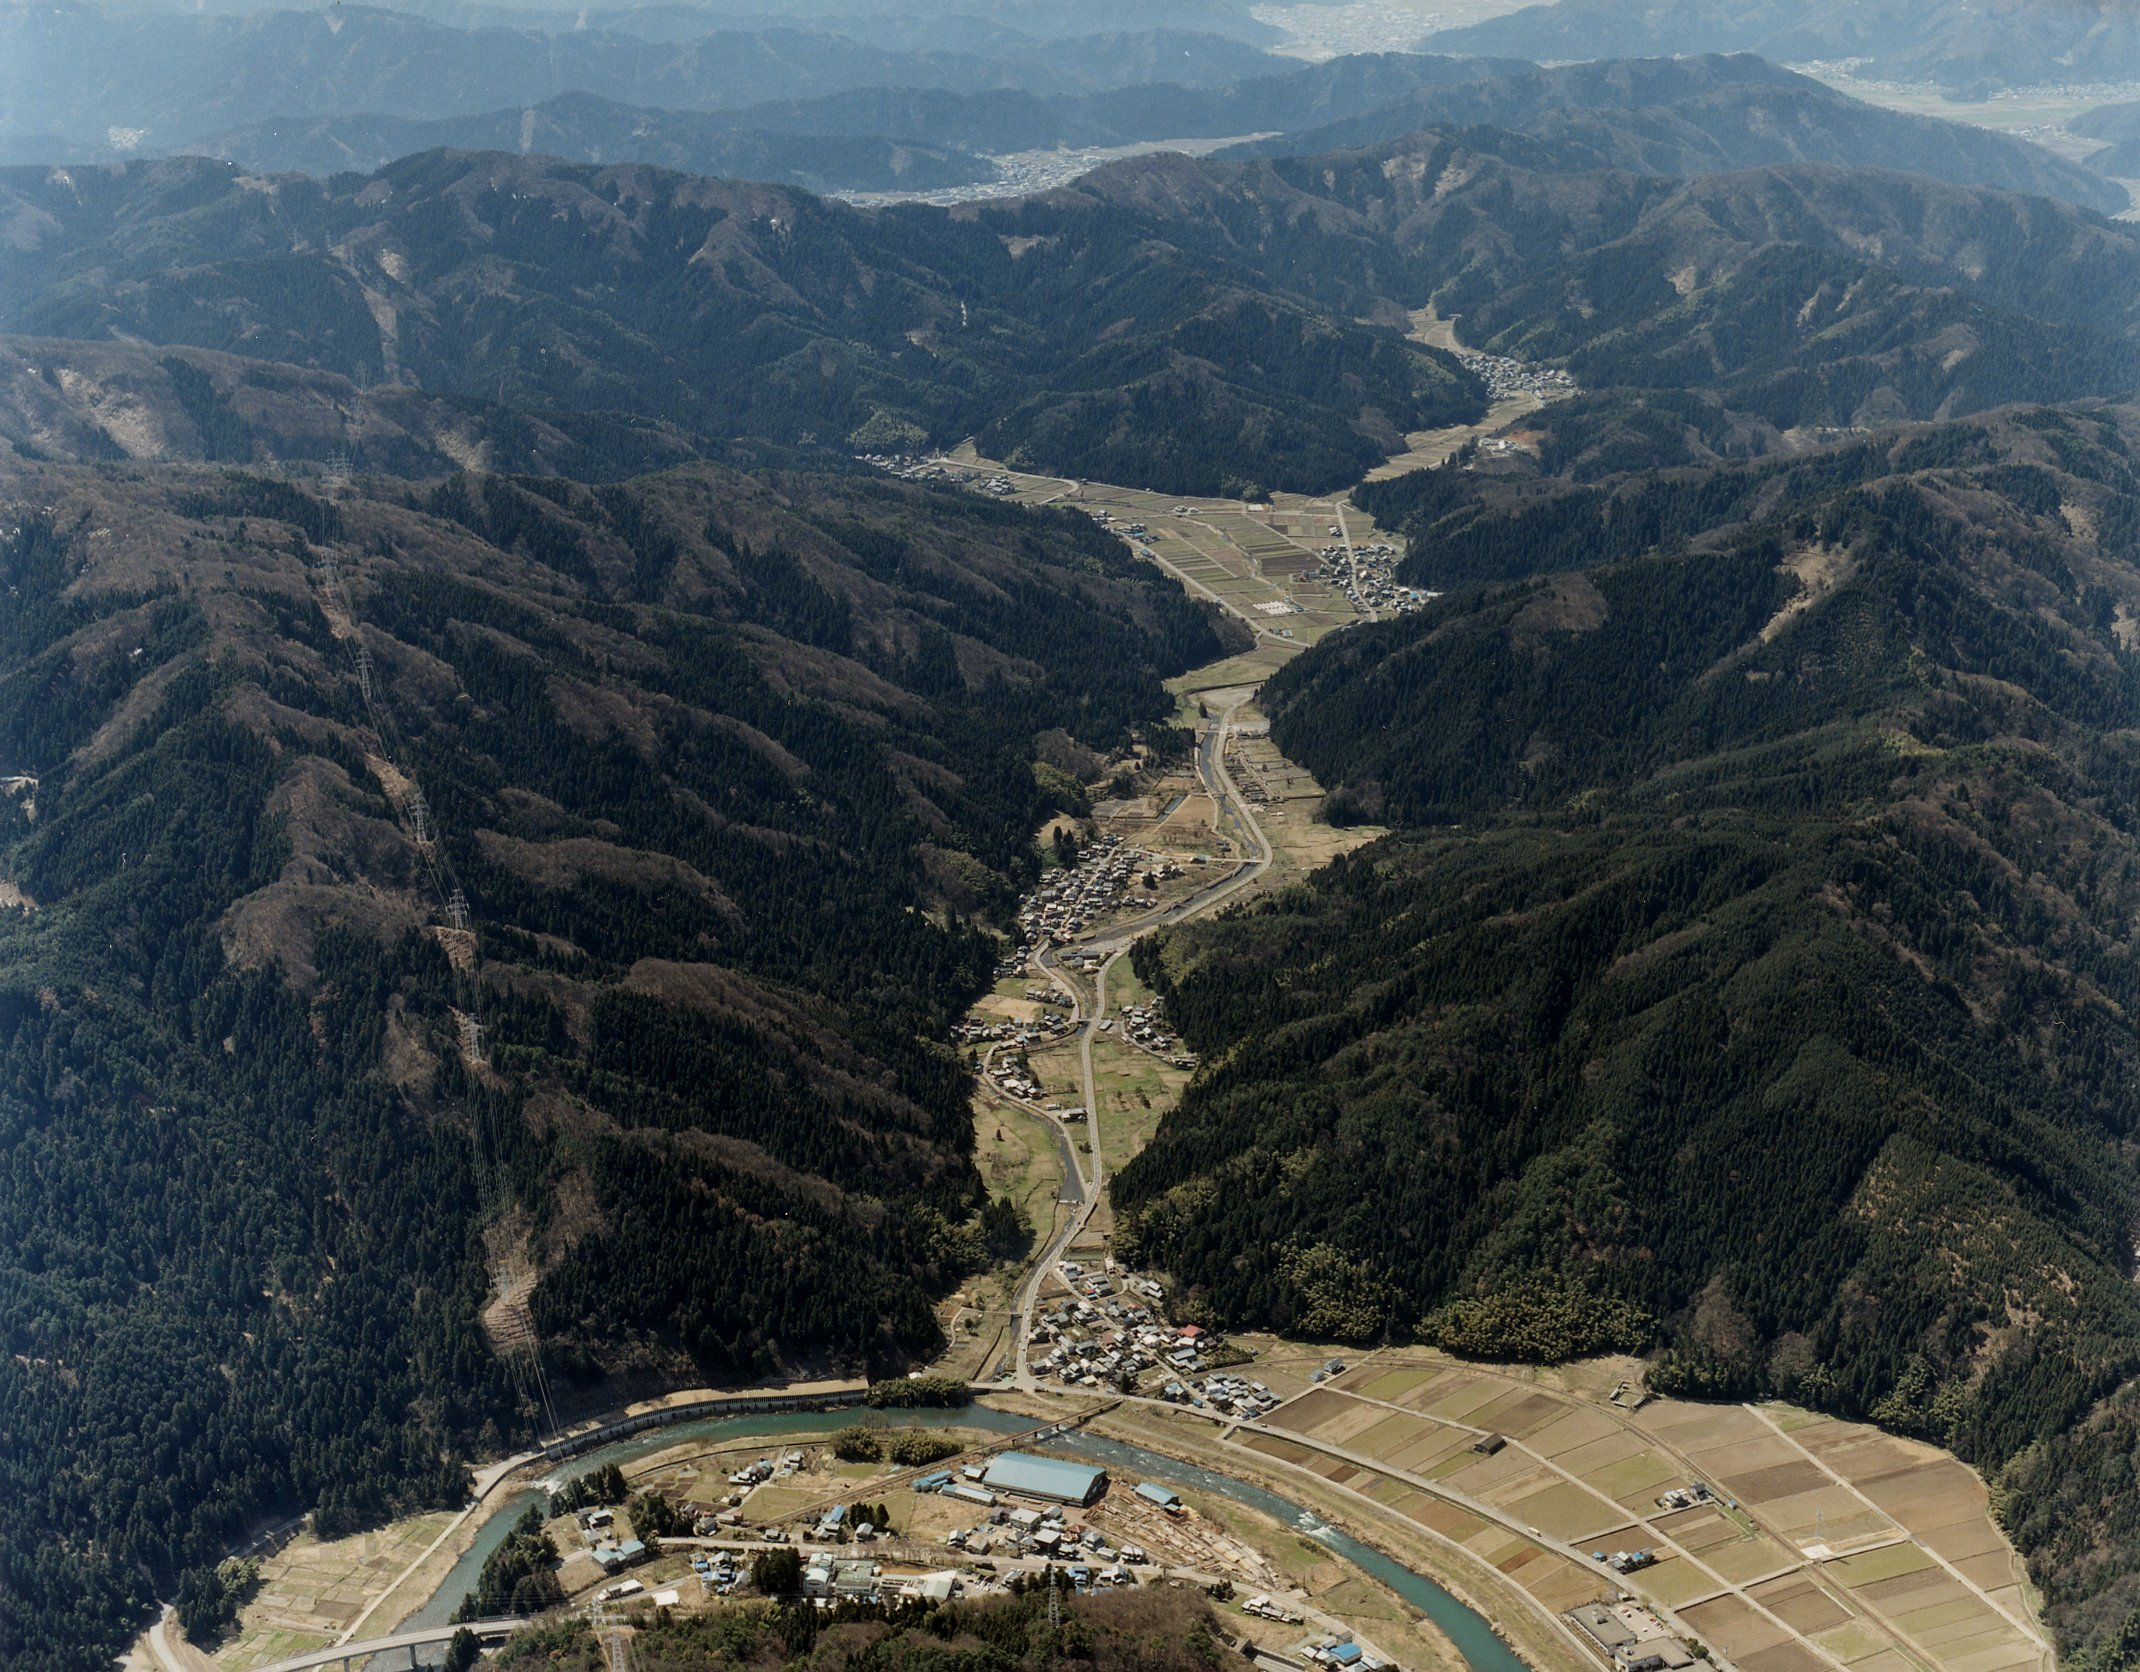 光秀が10年の時を過ごした北陸の小京都のにぎわいを再現  一乗谷